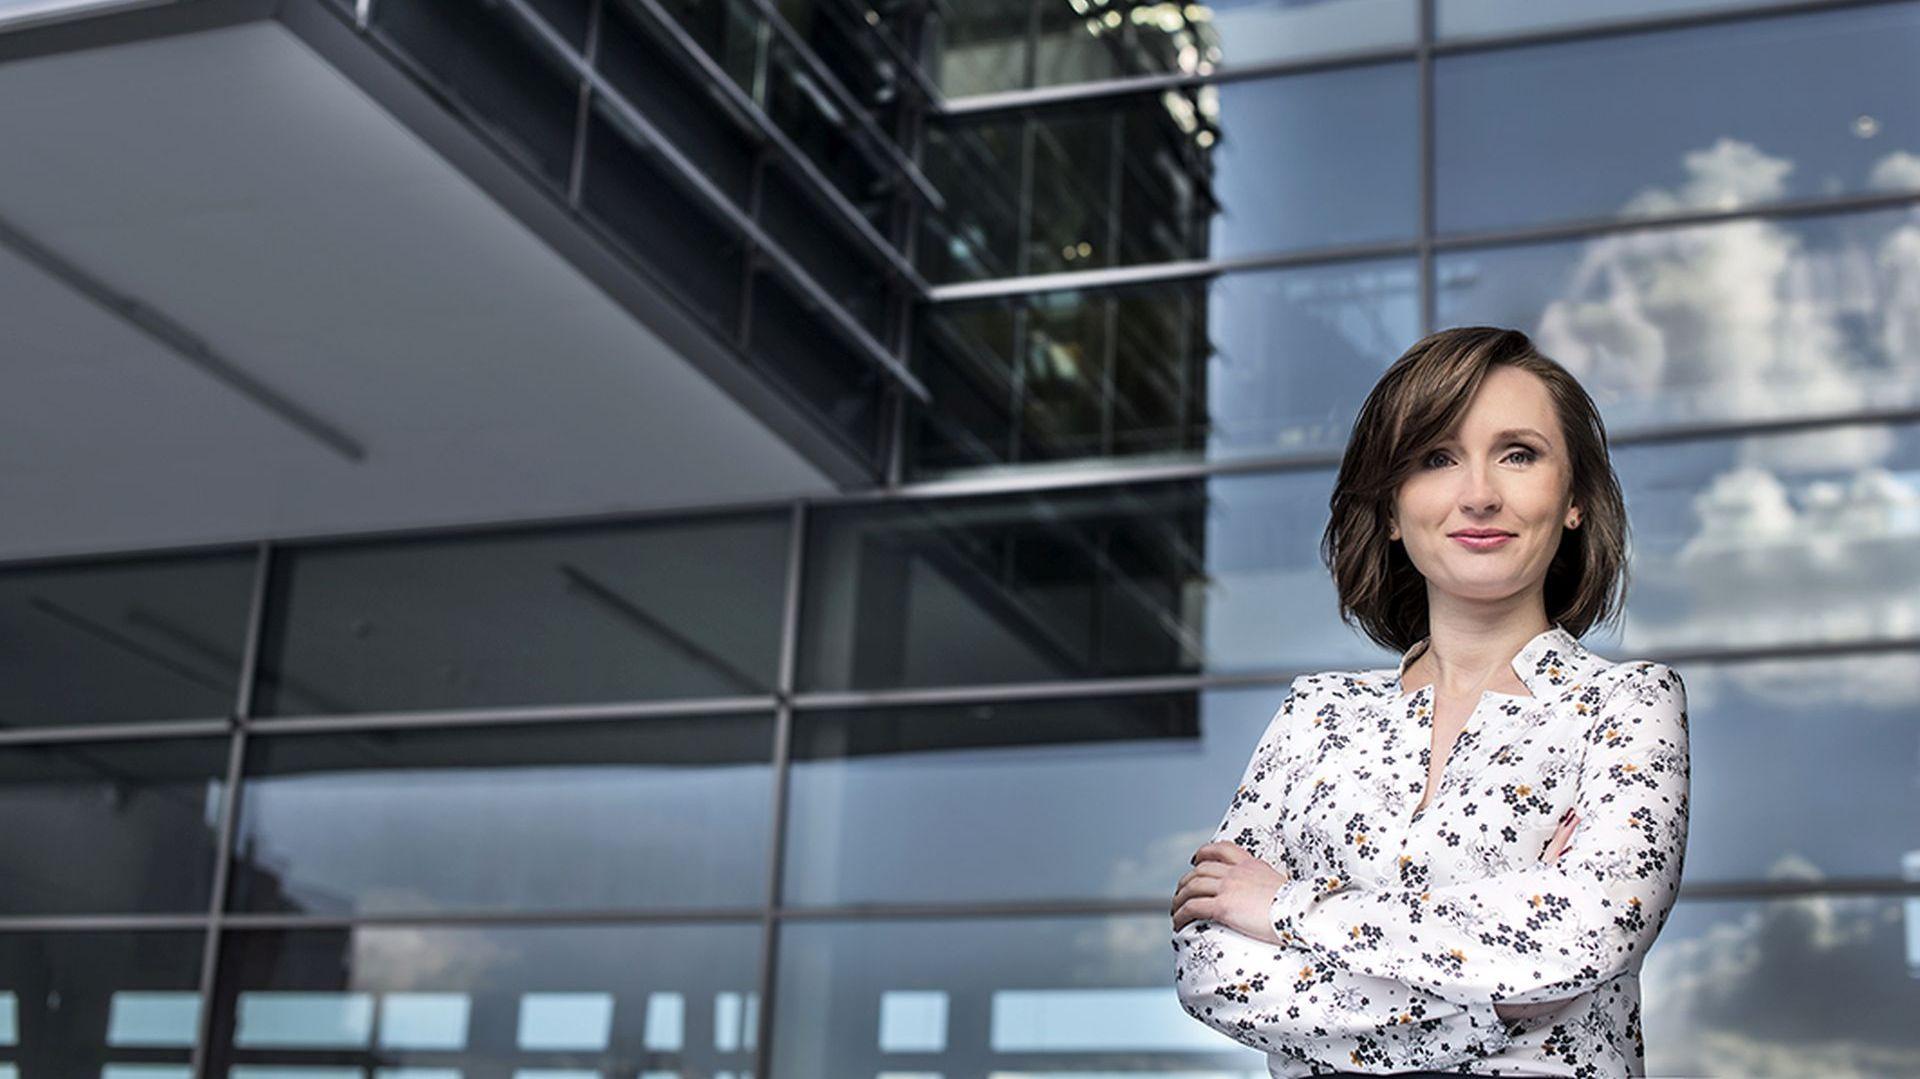 Monika Gawanowska wystąpi w roli eksperta podczas spotkania Studia Dobrych Rozwiązań w Białymstoku, 21 marca 2019 r. Fot. Monika Gawanowska